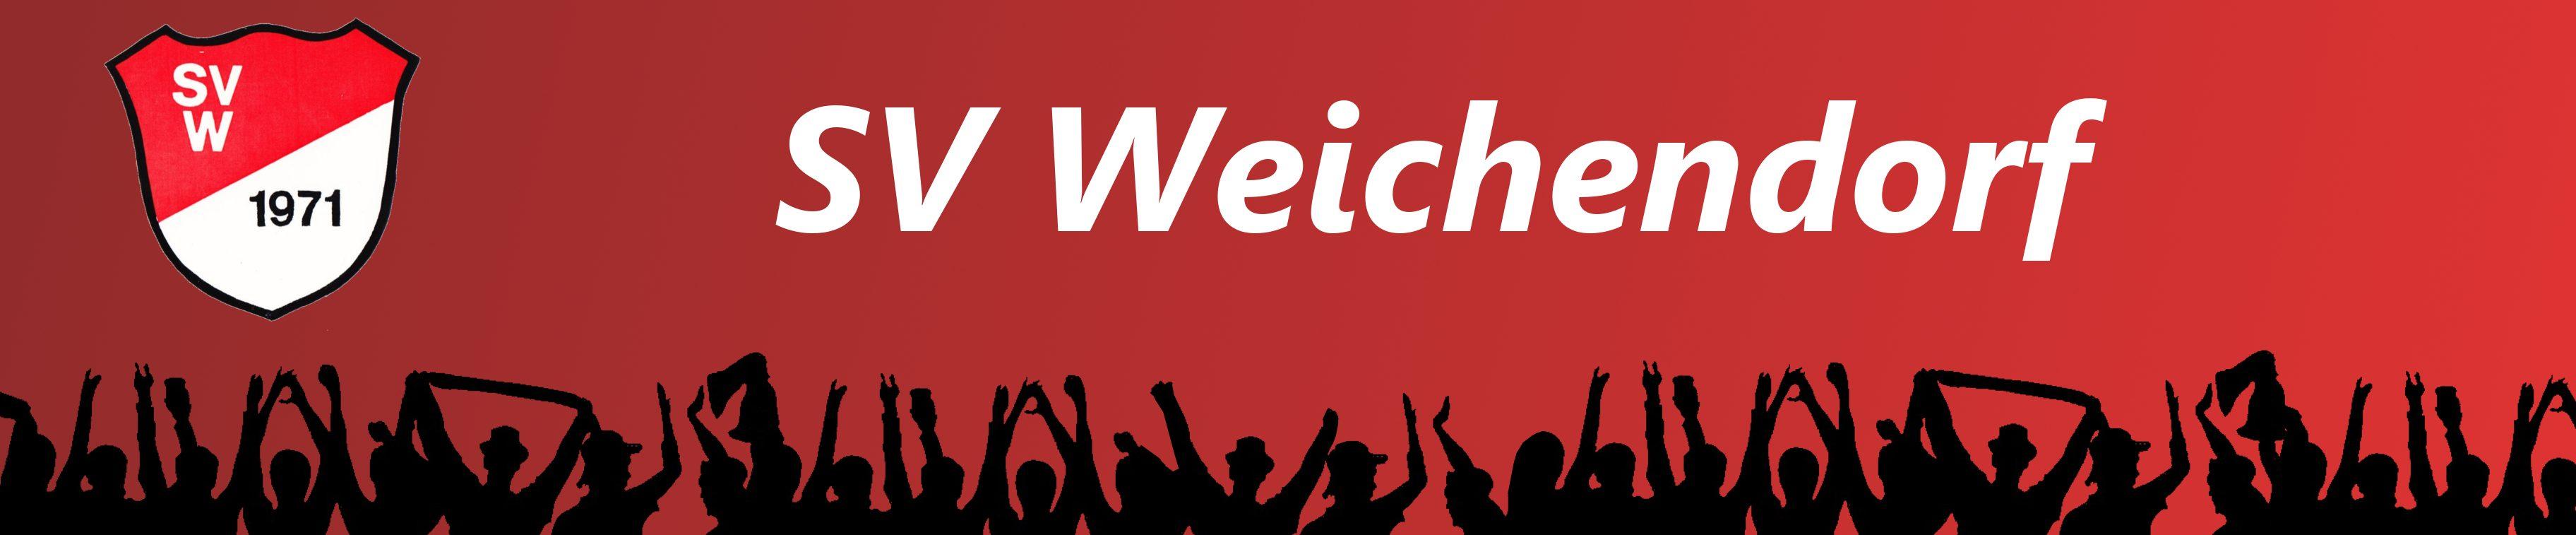 SV Weichendorf